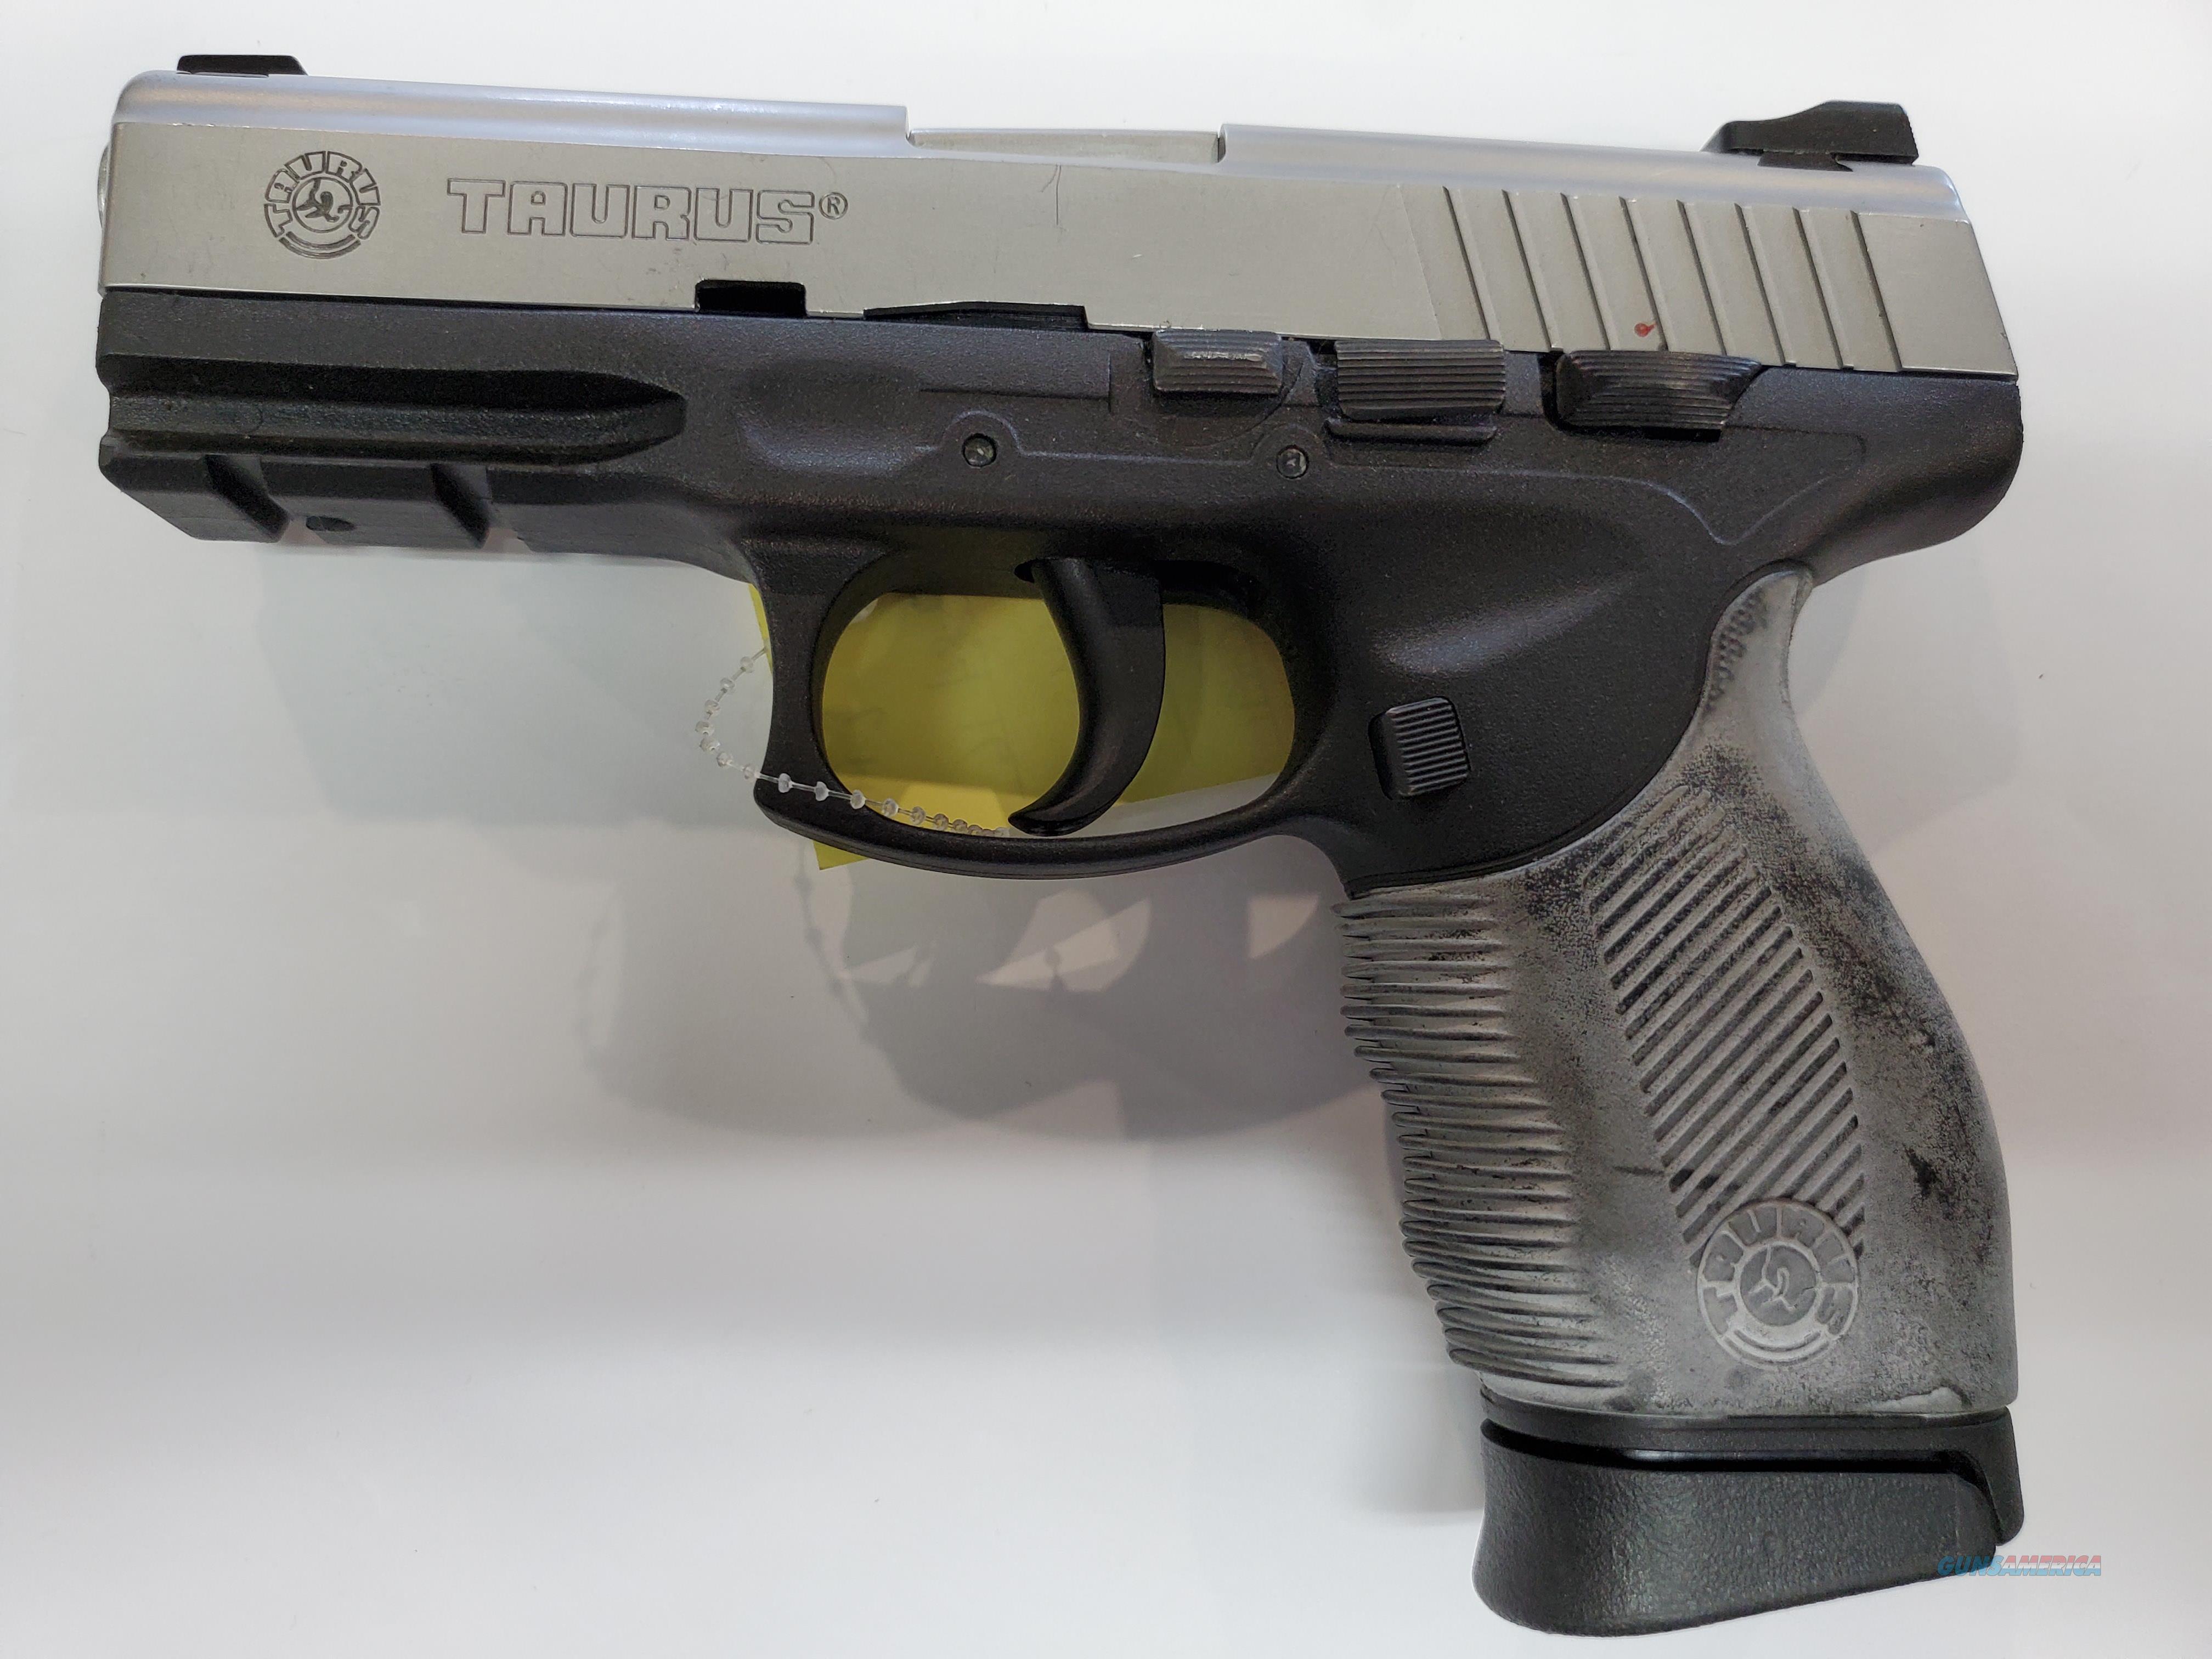 Taurus PT 24/7 pro  Guns > Pistols > Taurus Pistols > Semi Auto Pistols > Polymer Frame